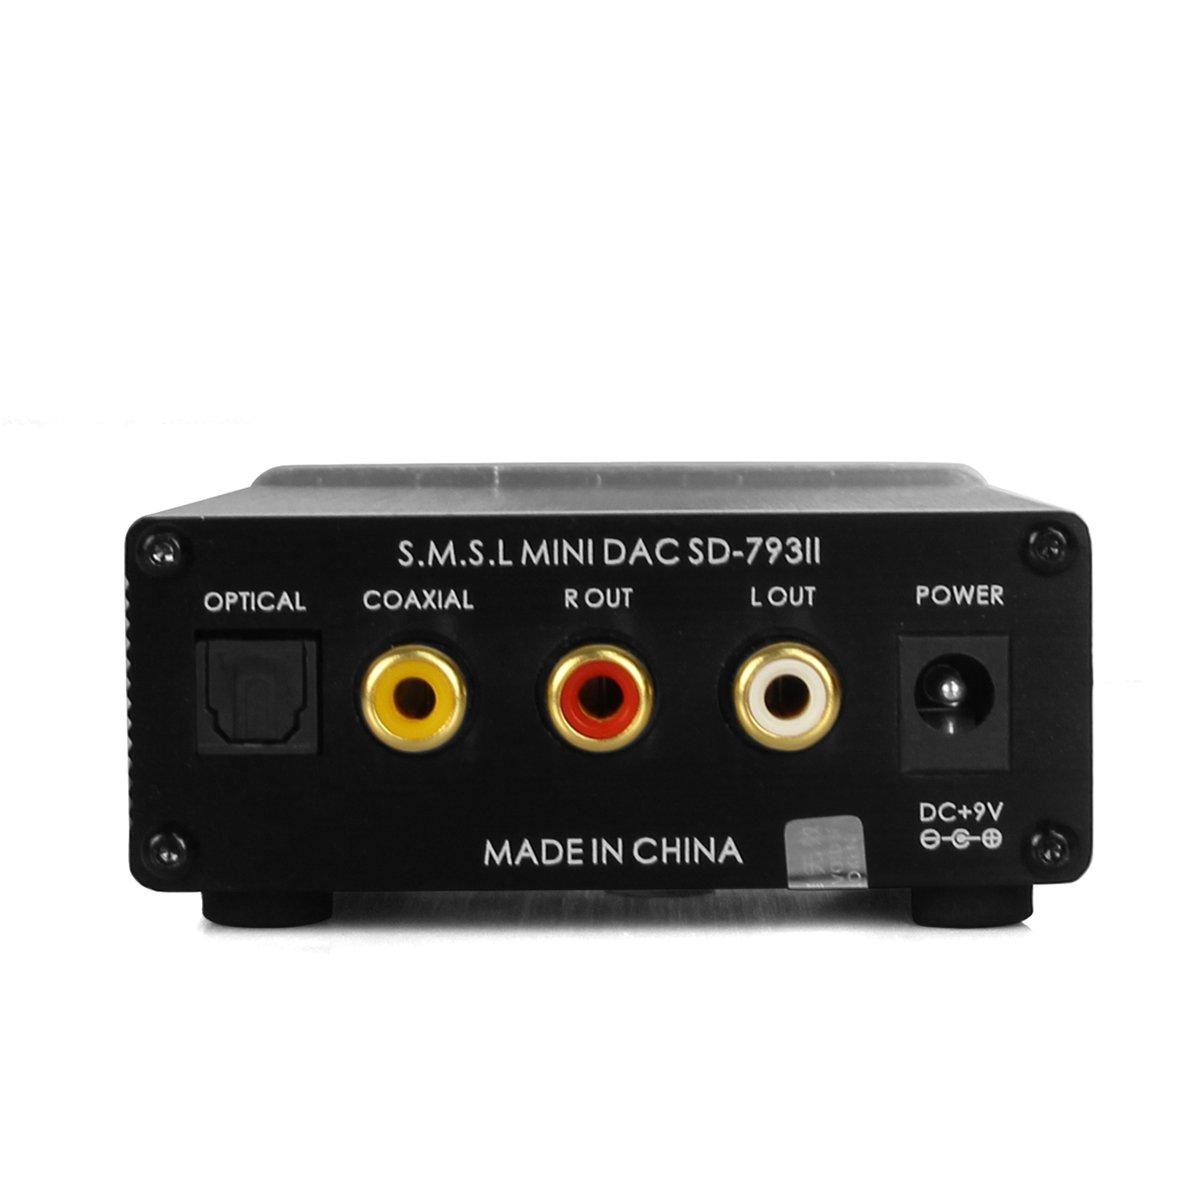 SMSL SD-793II DIR9001 PCM1793 DAC Digital Audio Decoder amplificador Plata: Amazon.es: Electrónica